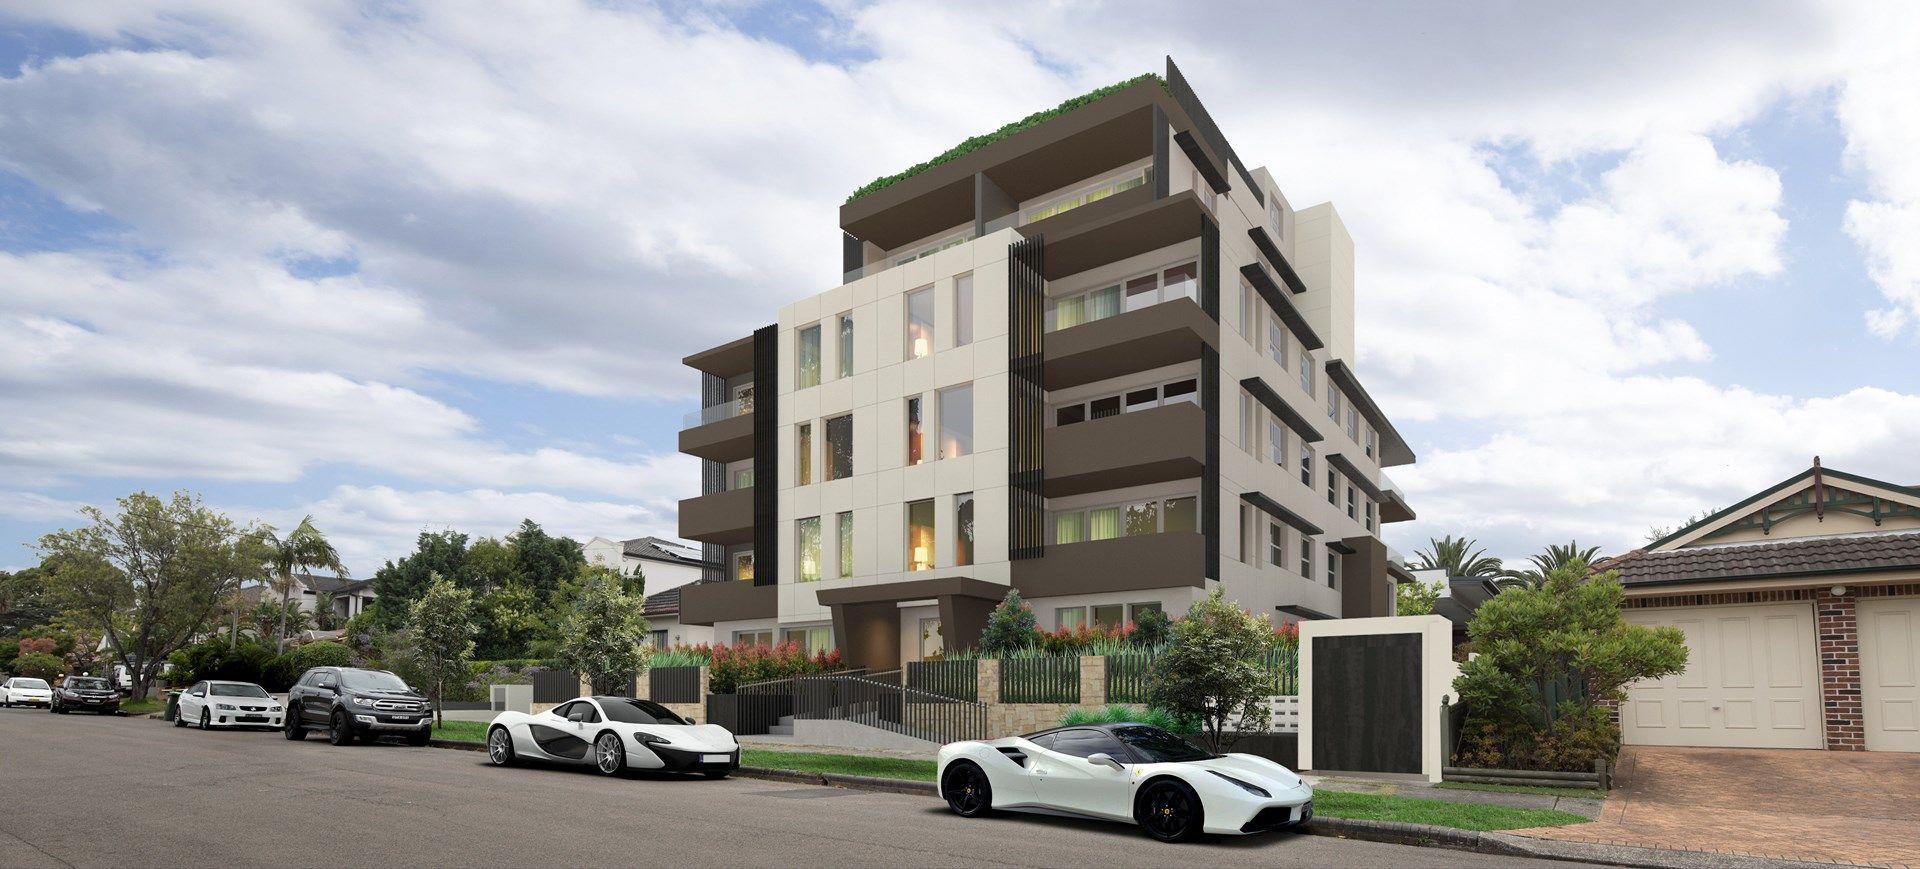 1-3 John Street, Kogarah Bay NSW 2217, Image 0